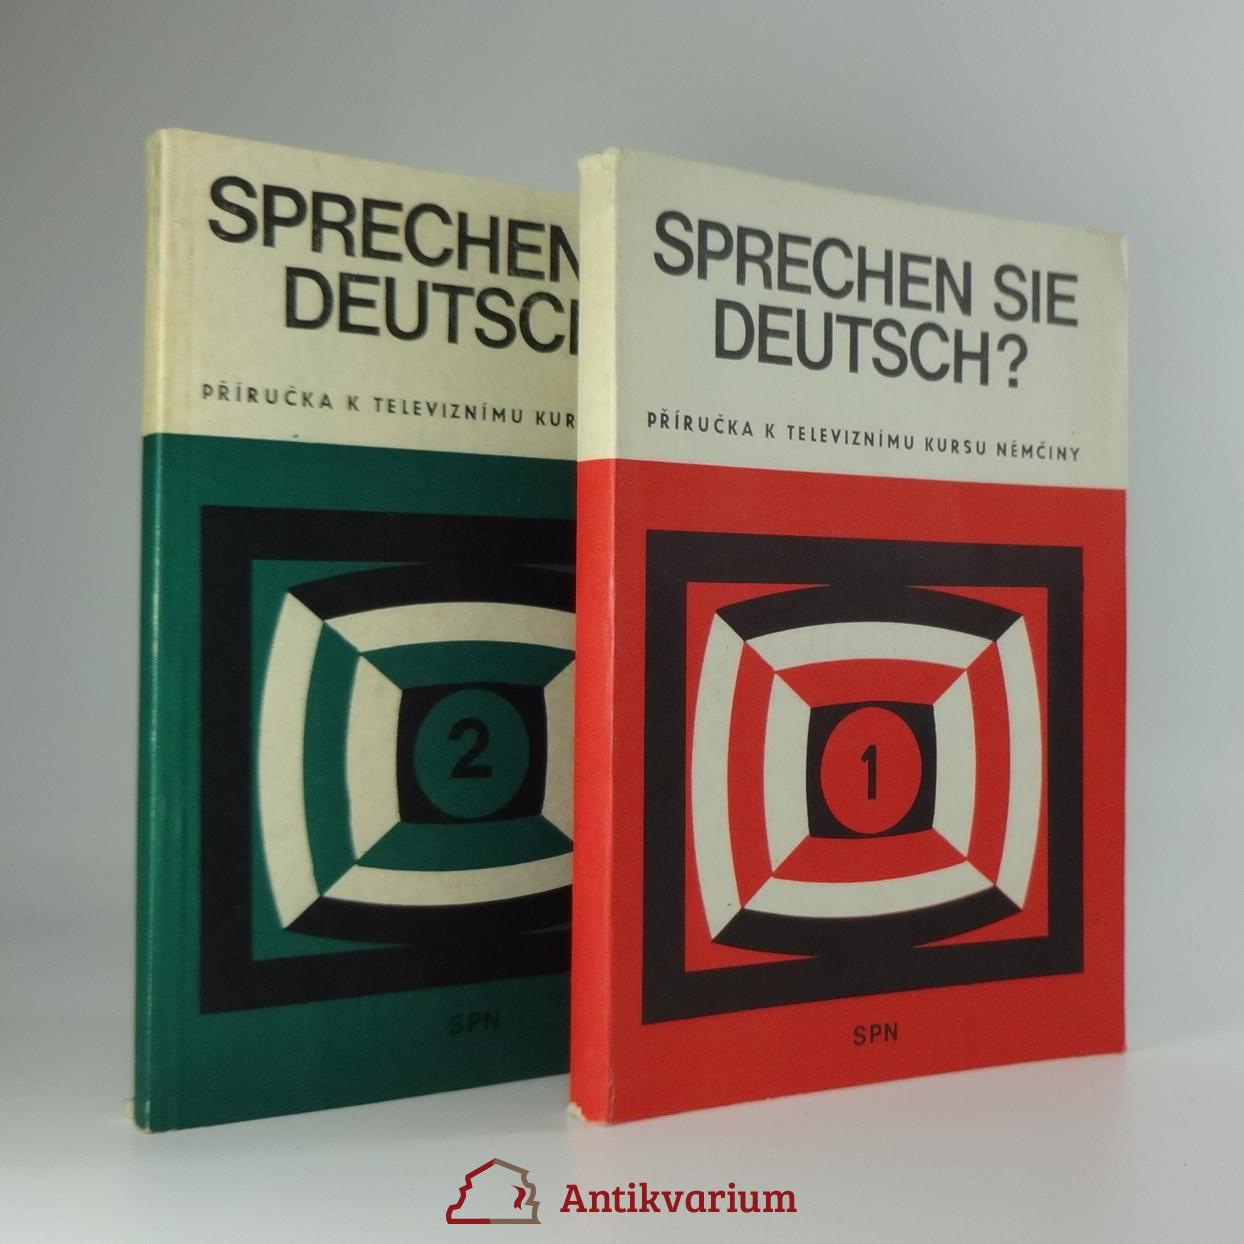 antikvární kniha Sprechen Sie Deutsch? (2 svazky), 1981